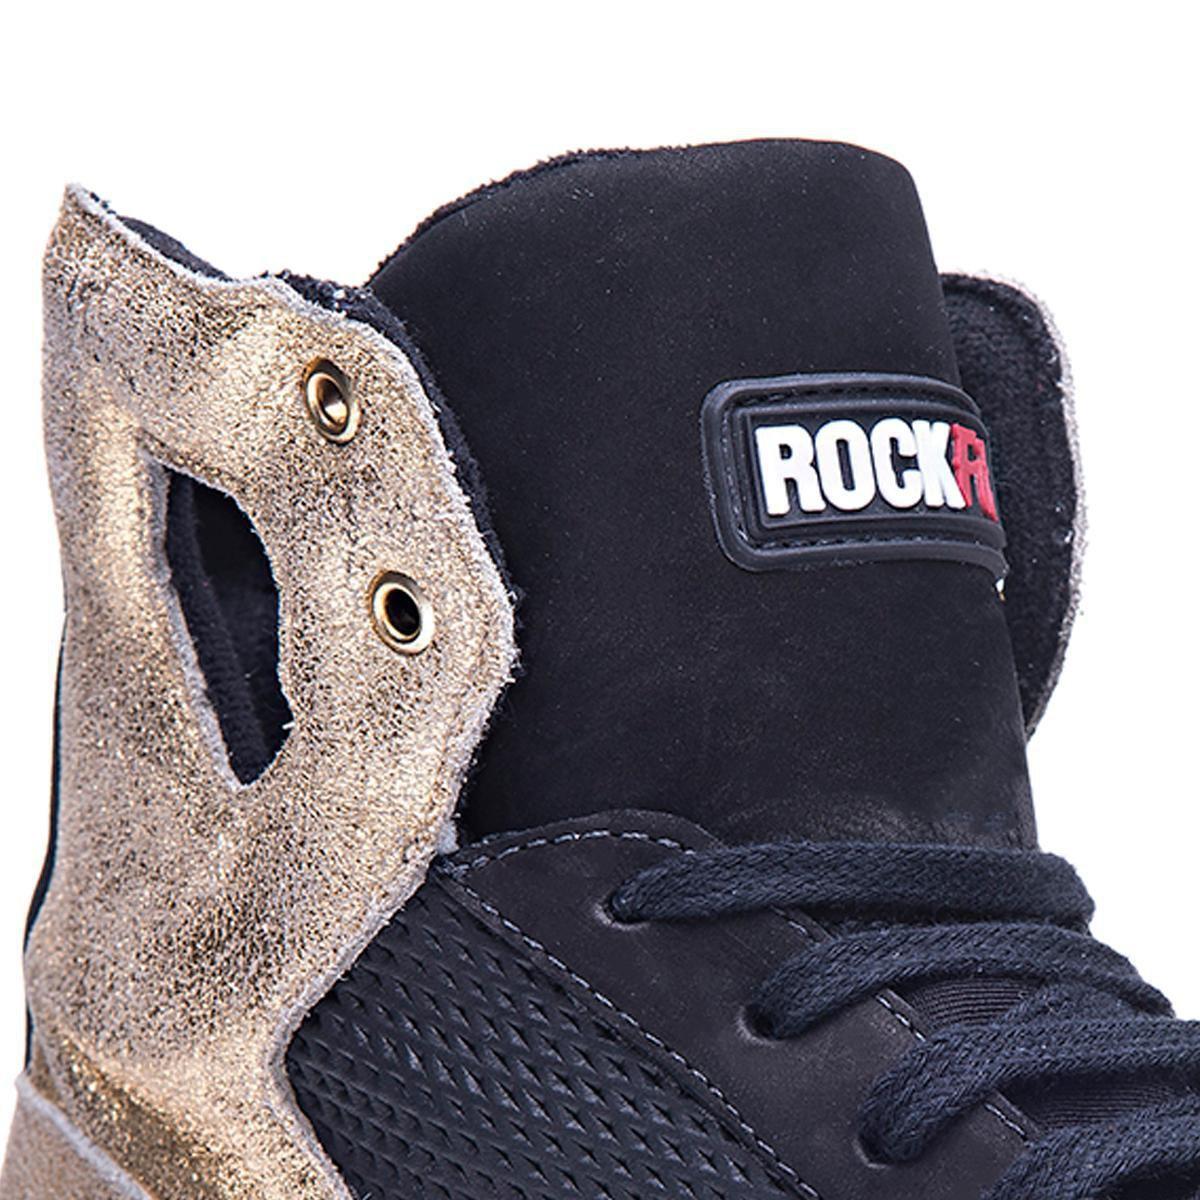 Dourado Dourado Preto Preto Couro Tênis Tênis Scorpions Rockfit Scorpions Em e Rockfit Couro Em e TxdwqxnS6